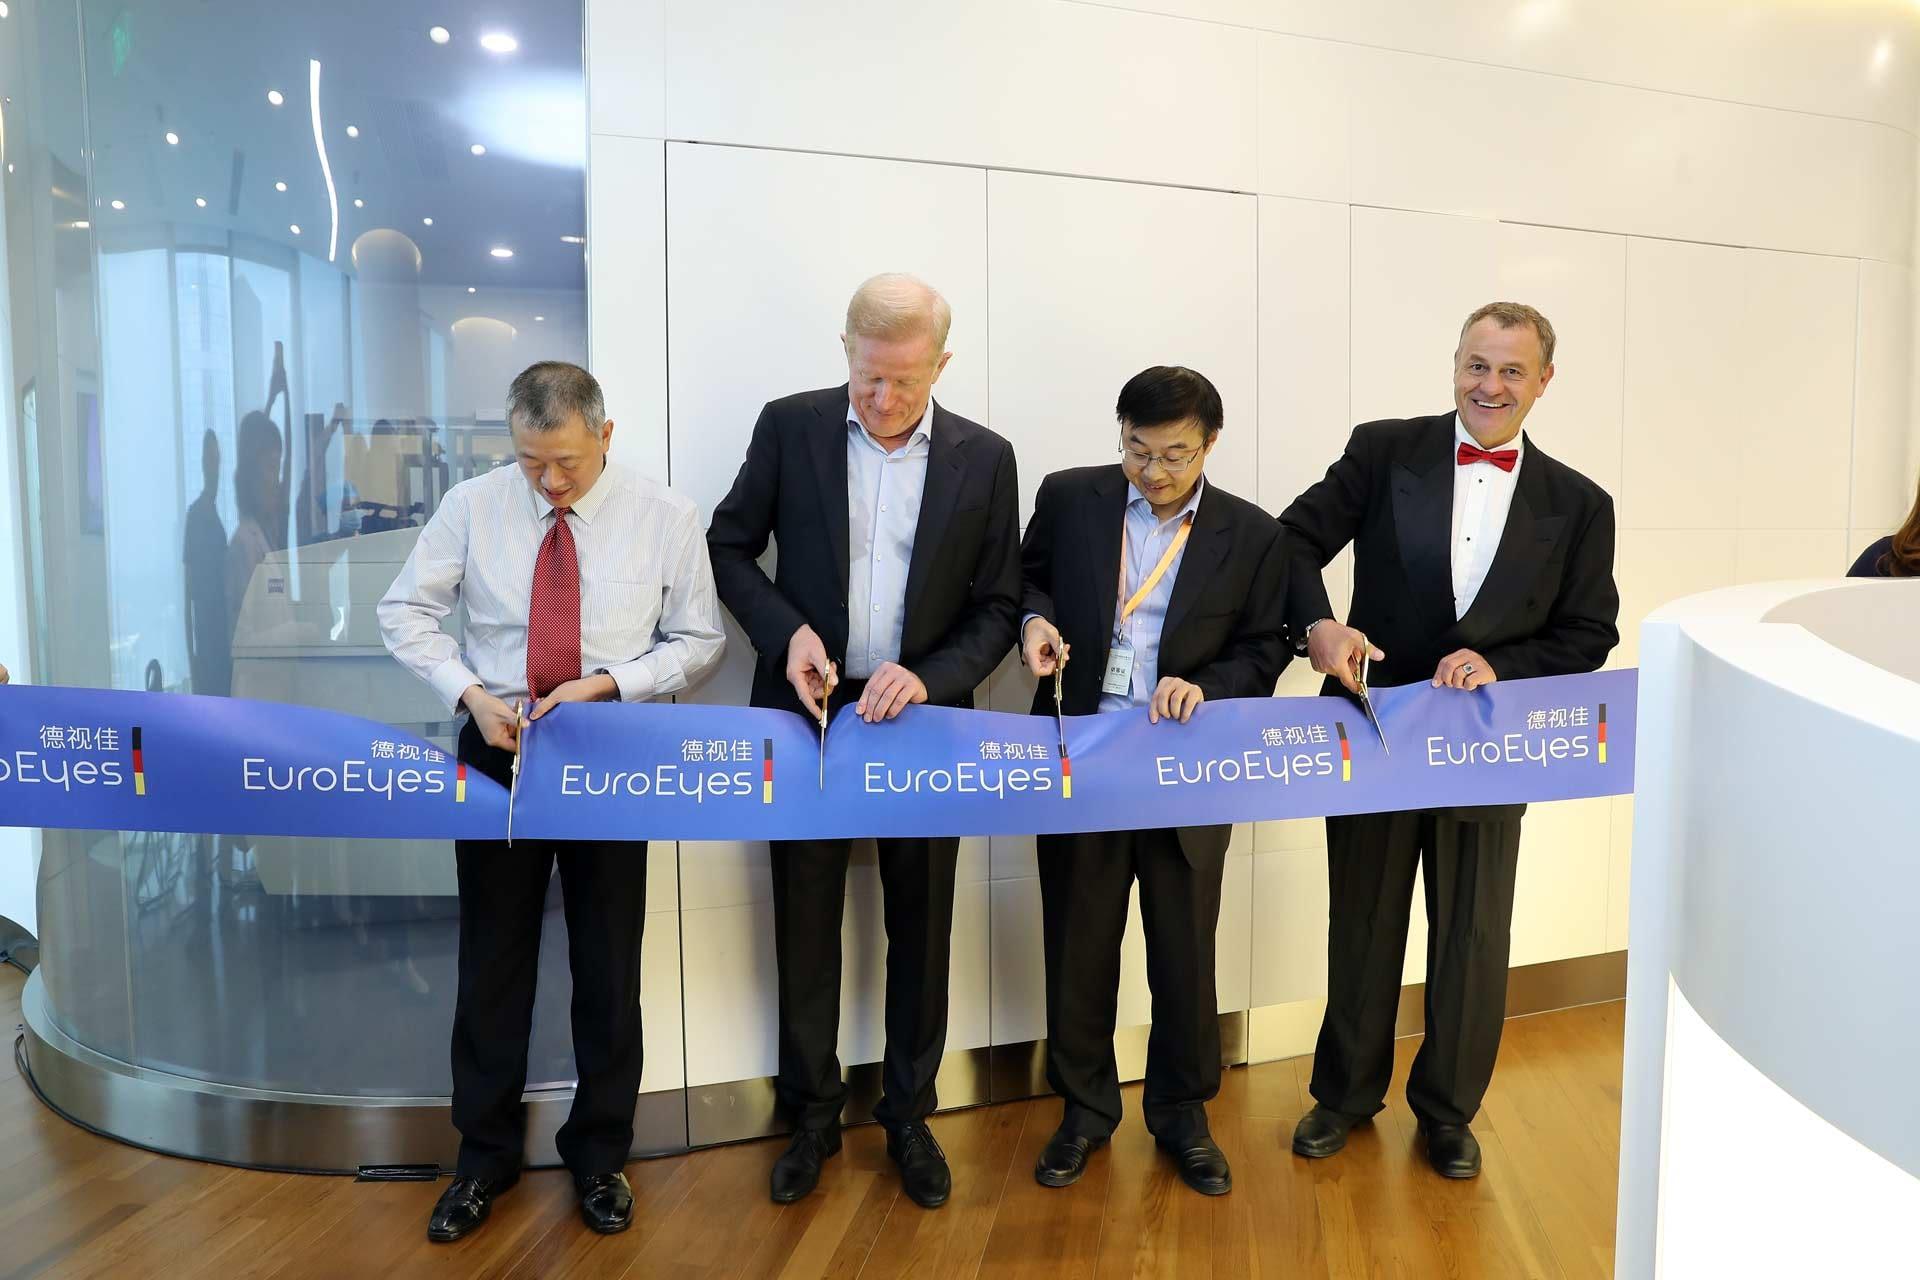 Eröffnung in Guangzhou